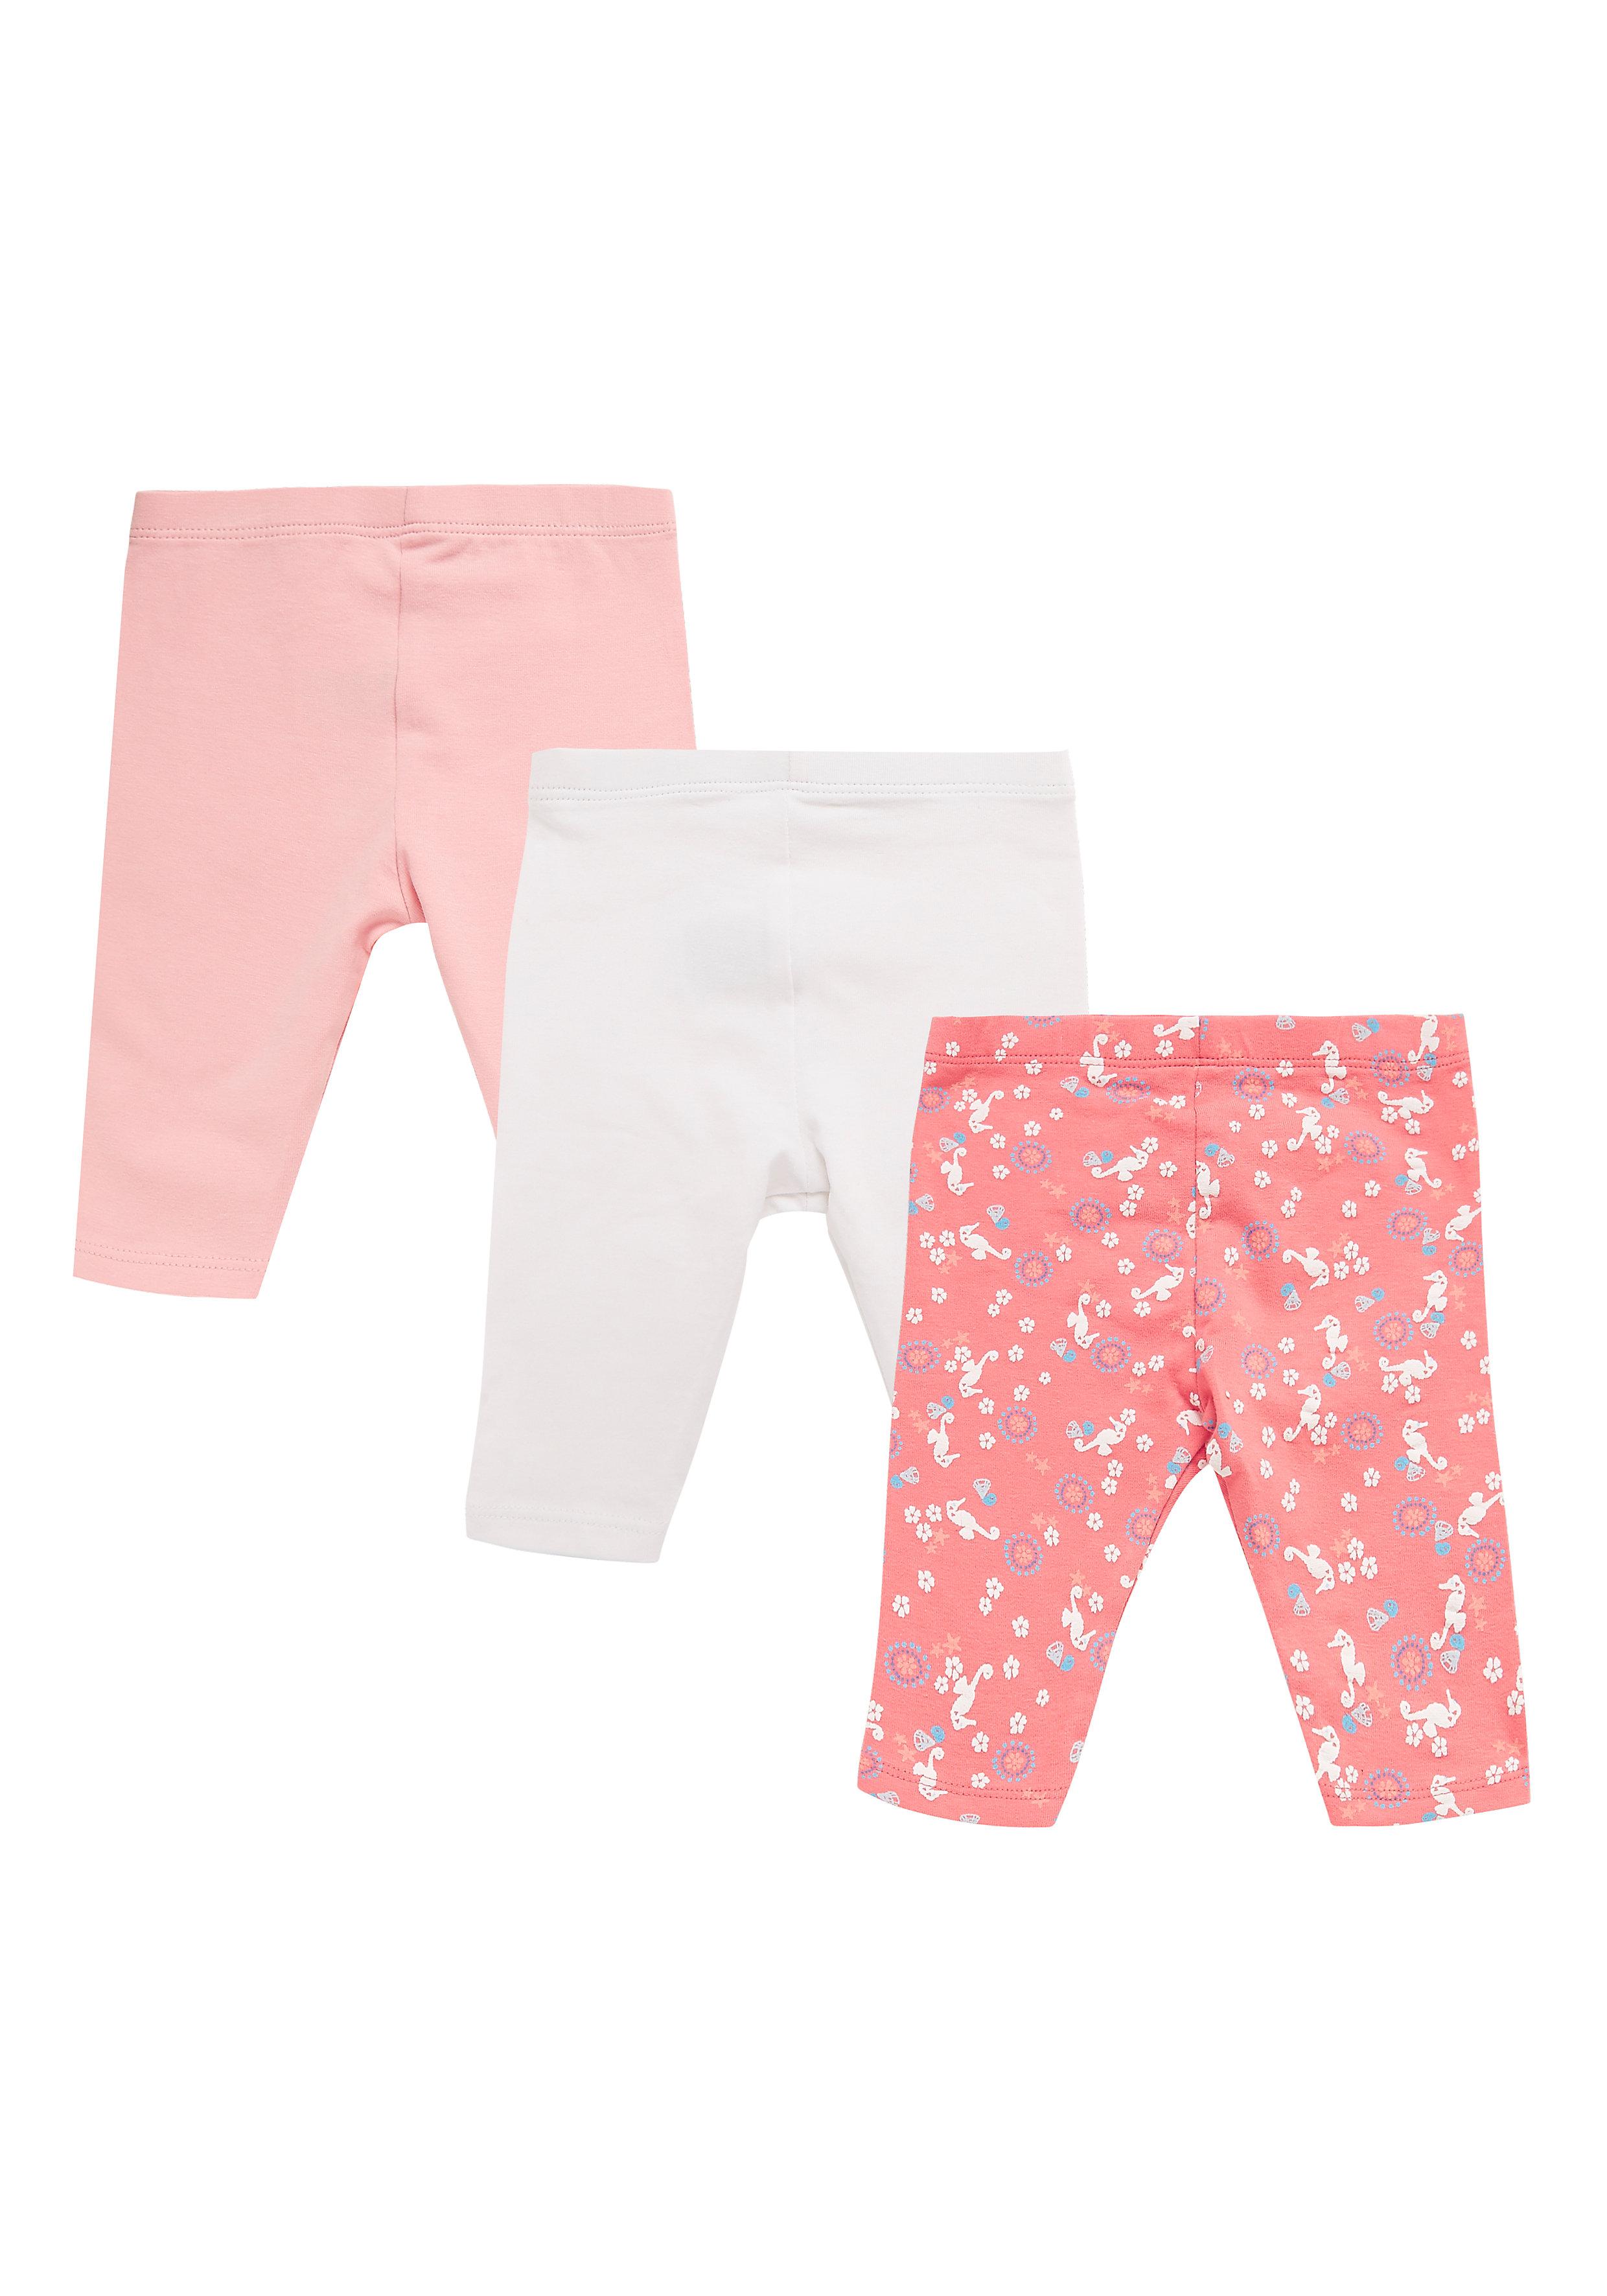 Mothercare | Girls Printed Leggings - Pack Of 3